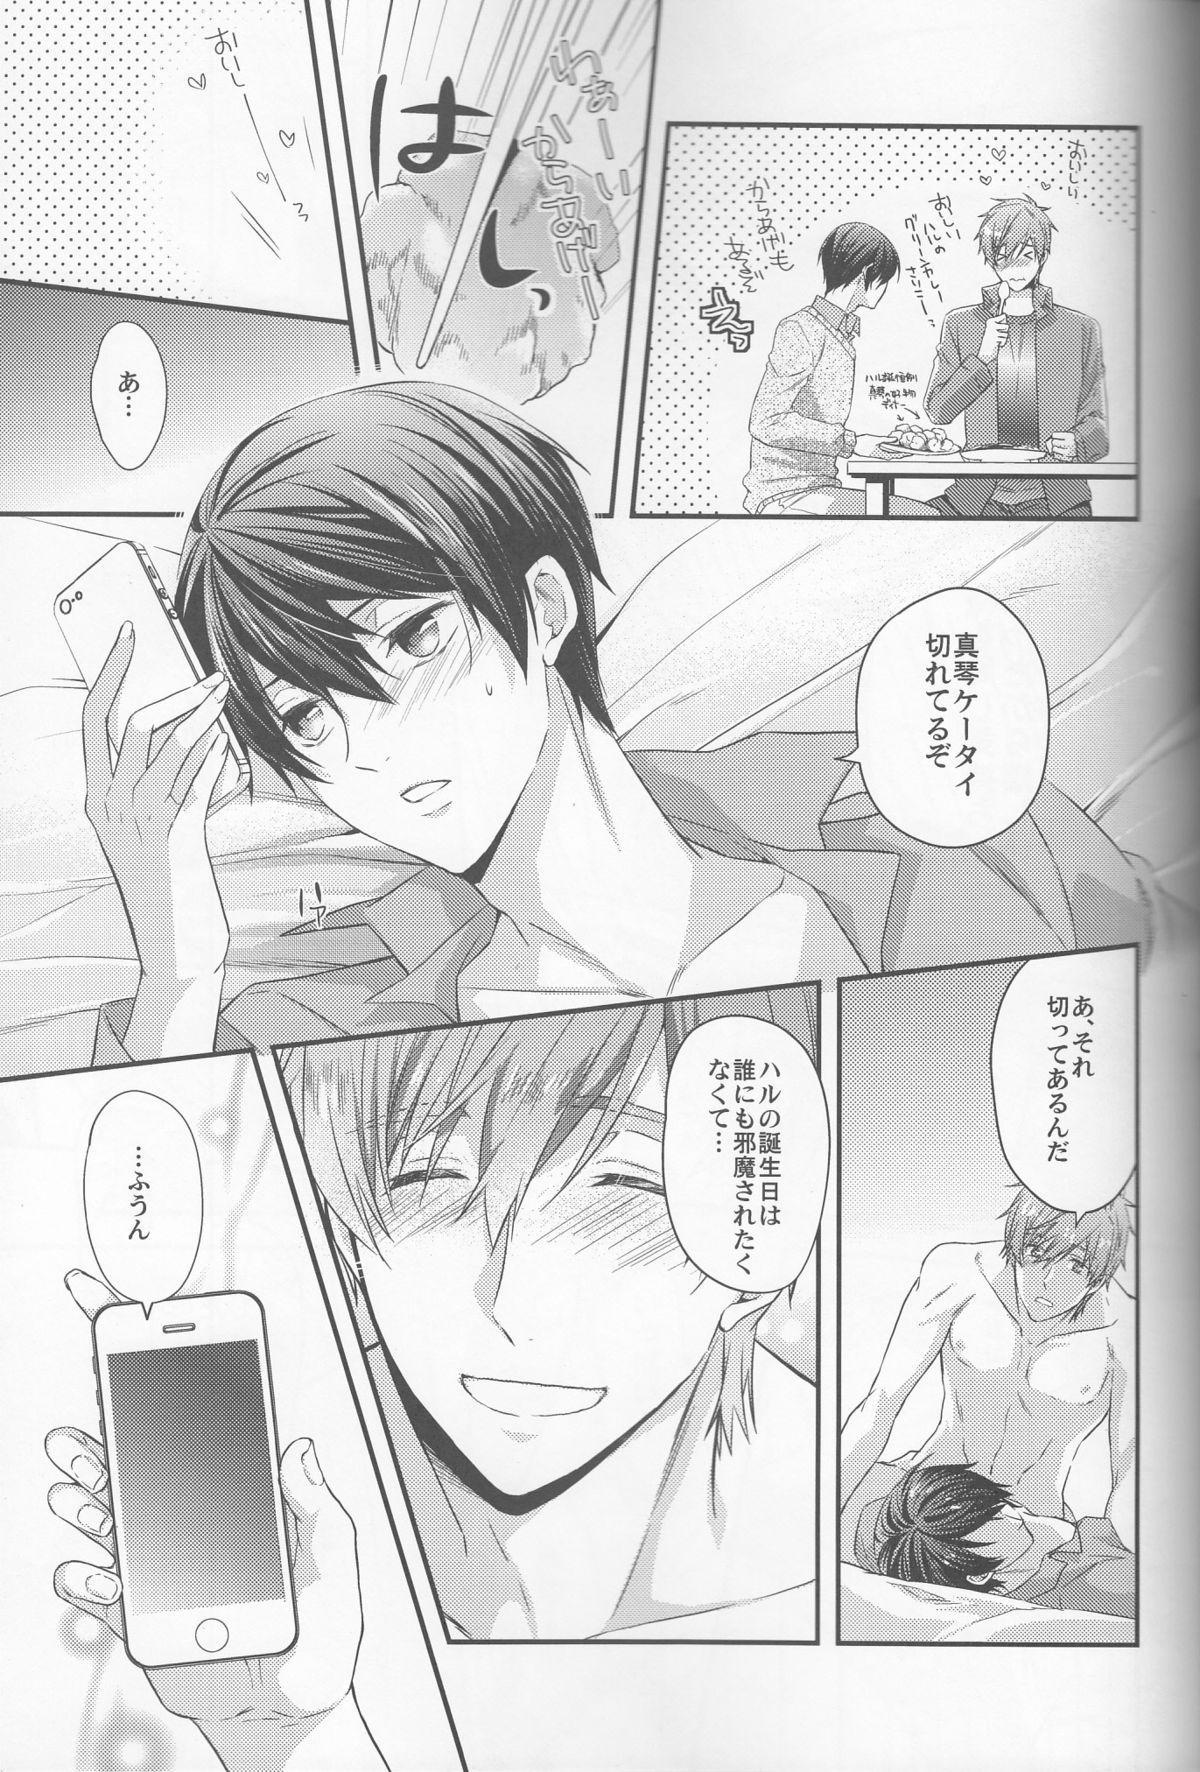 Hajimemashite Yome desu. 18